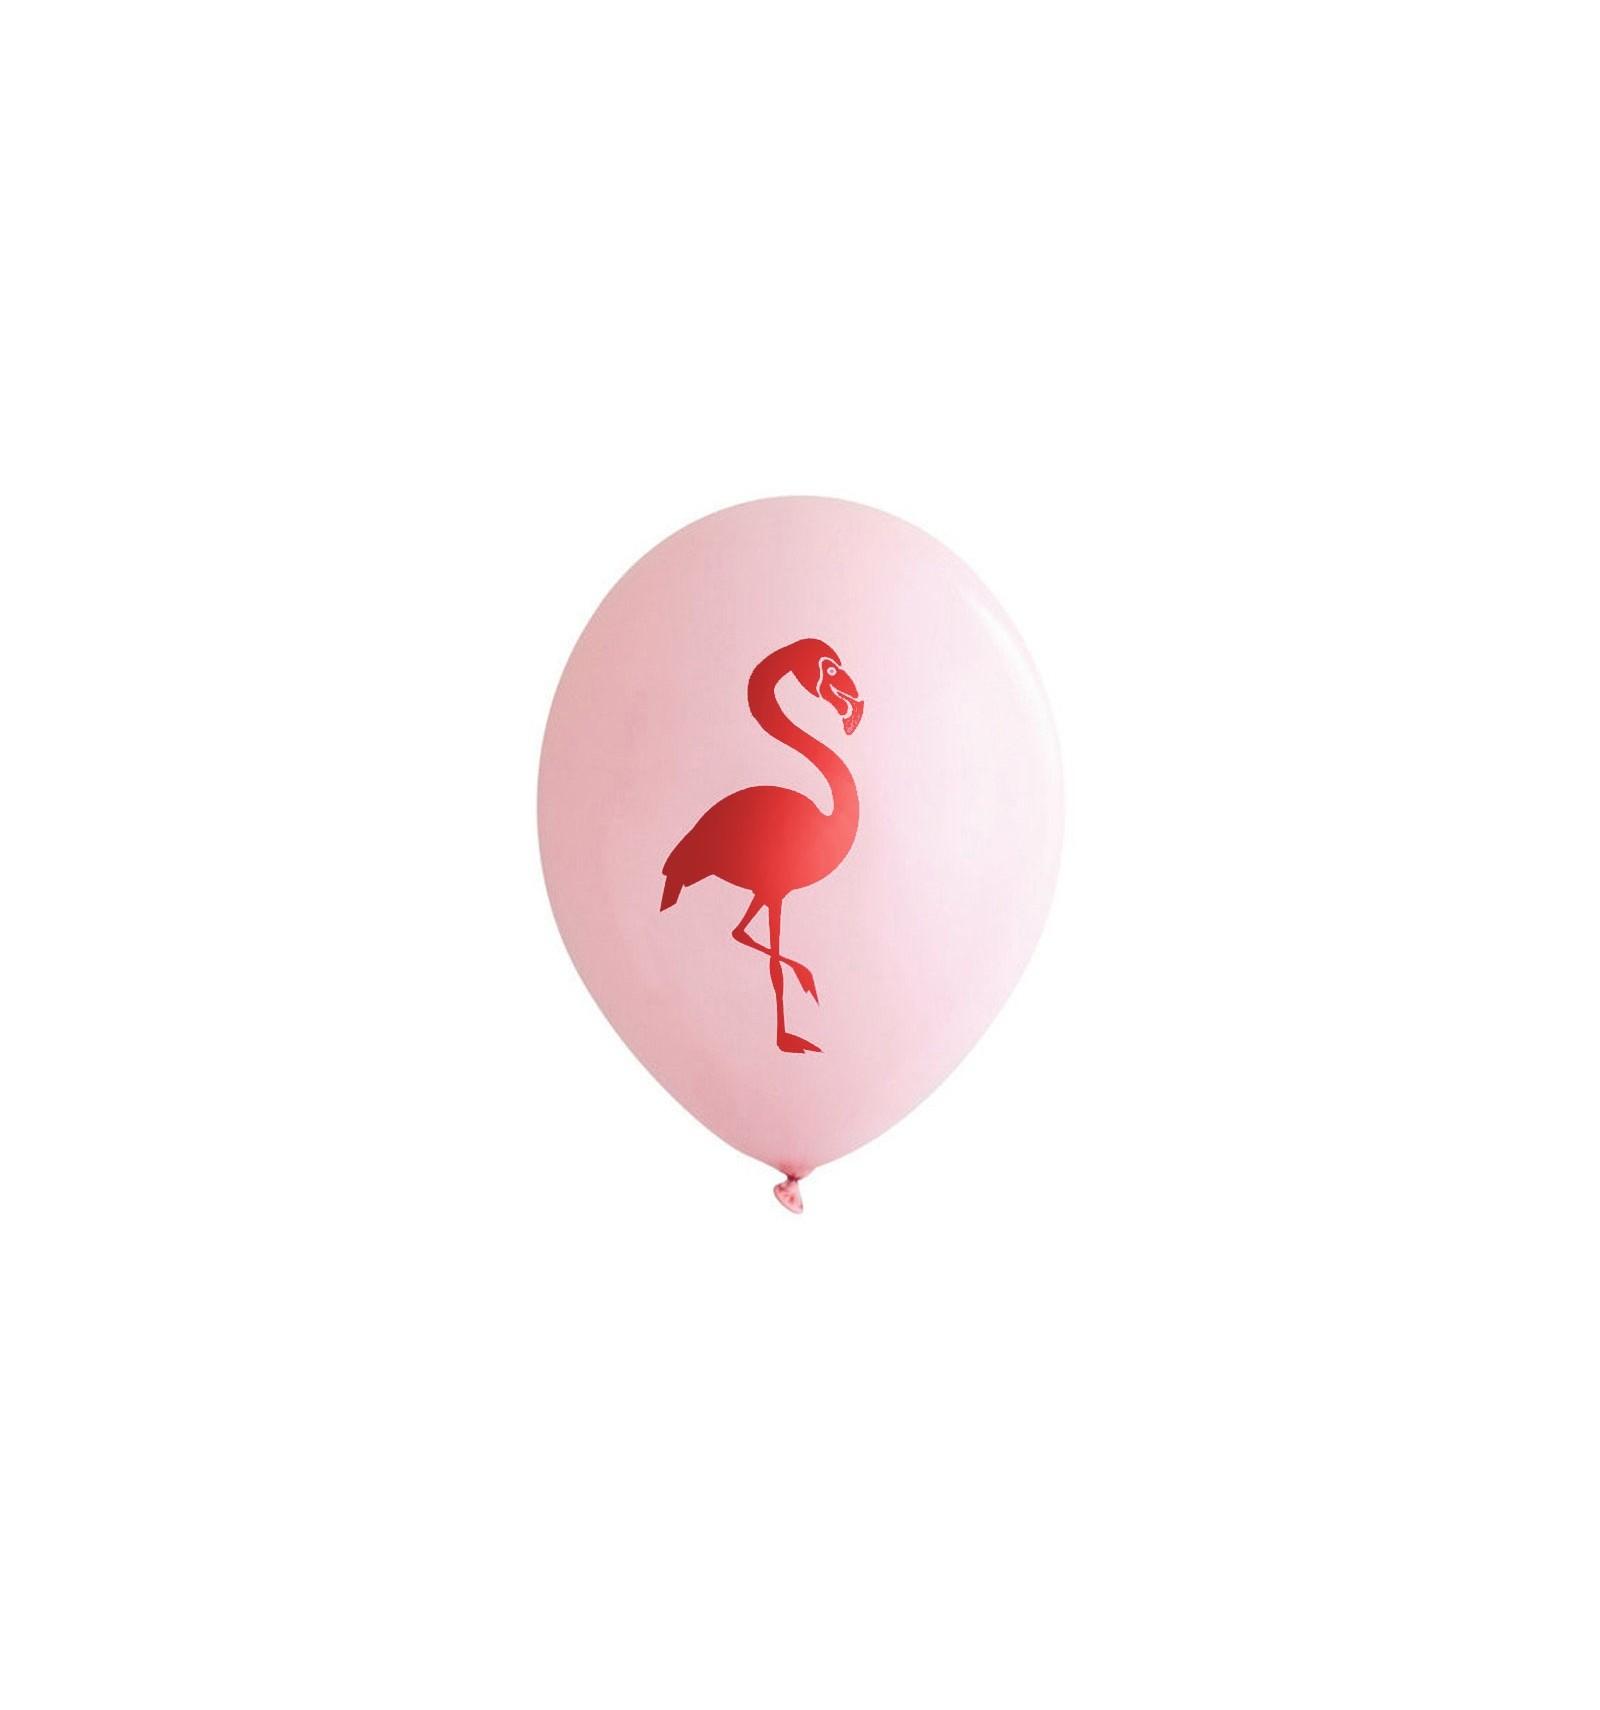 acheter ballon flamant rose sur hello pompon. Black Bedroom Furniture Sets. Home Design Ideas